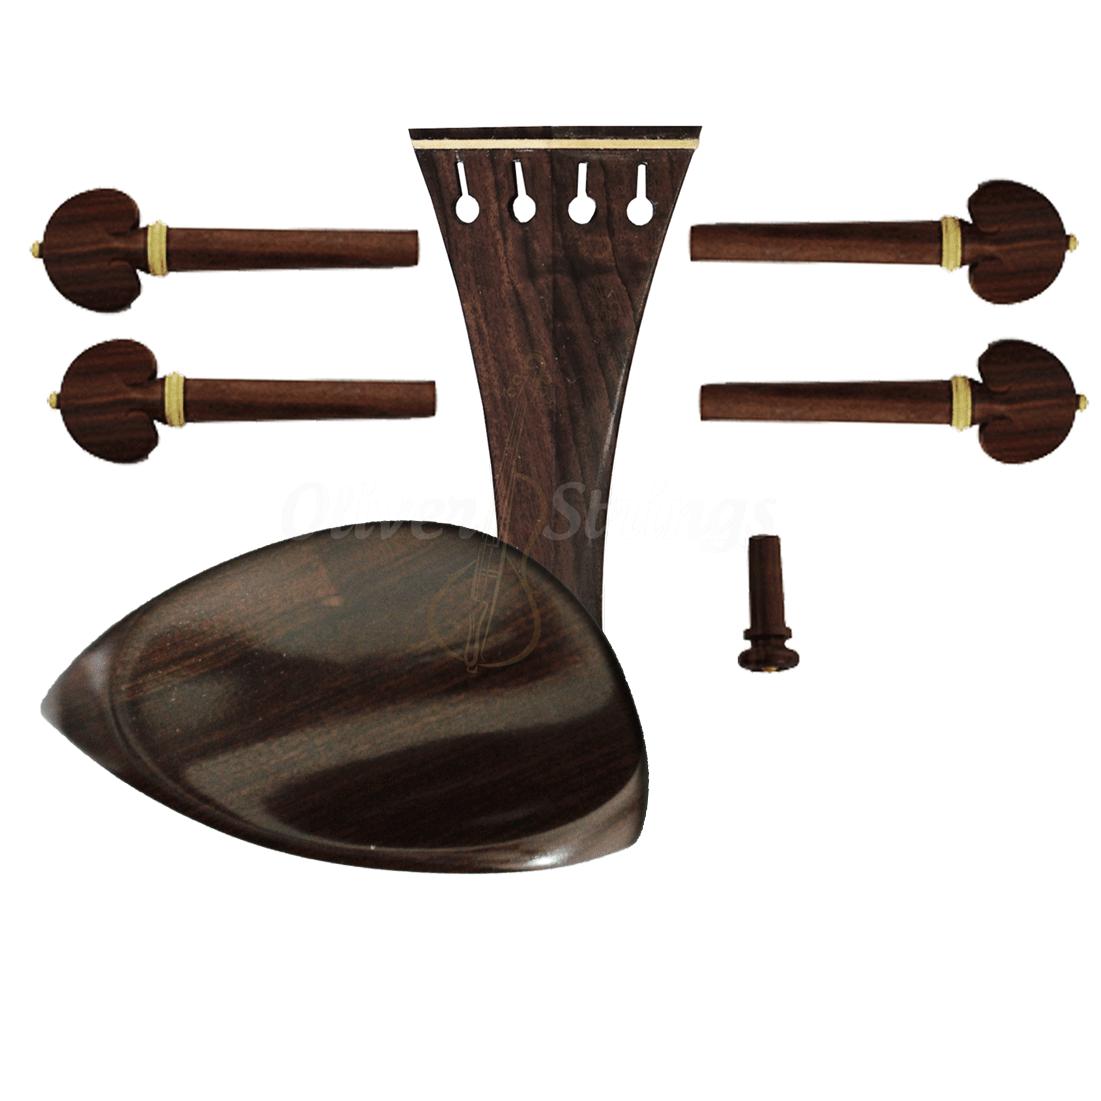 Montagem para violino 4/4 com Queixeira modelo Teka